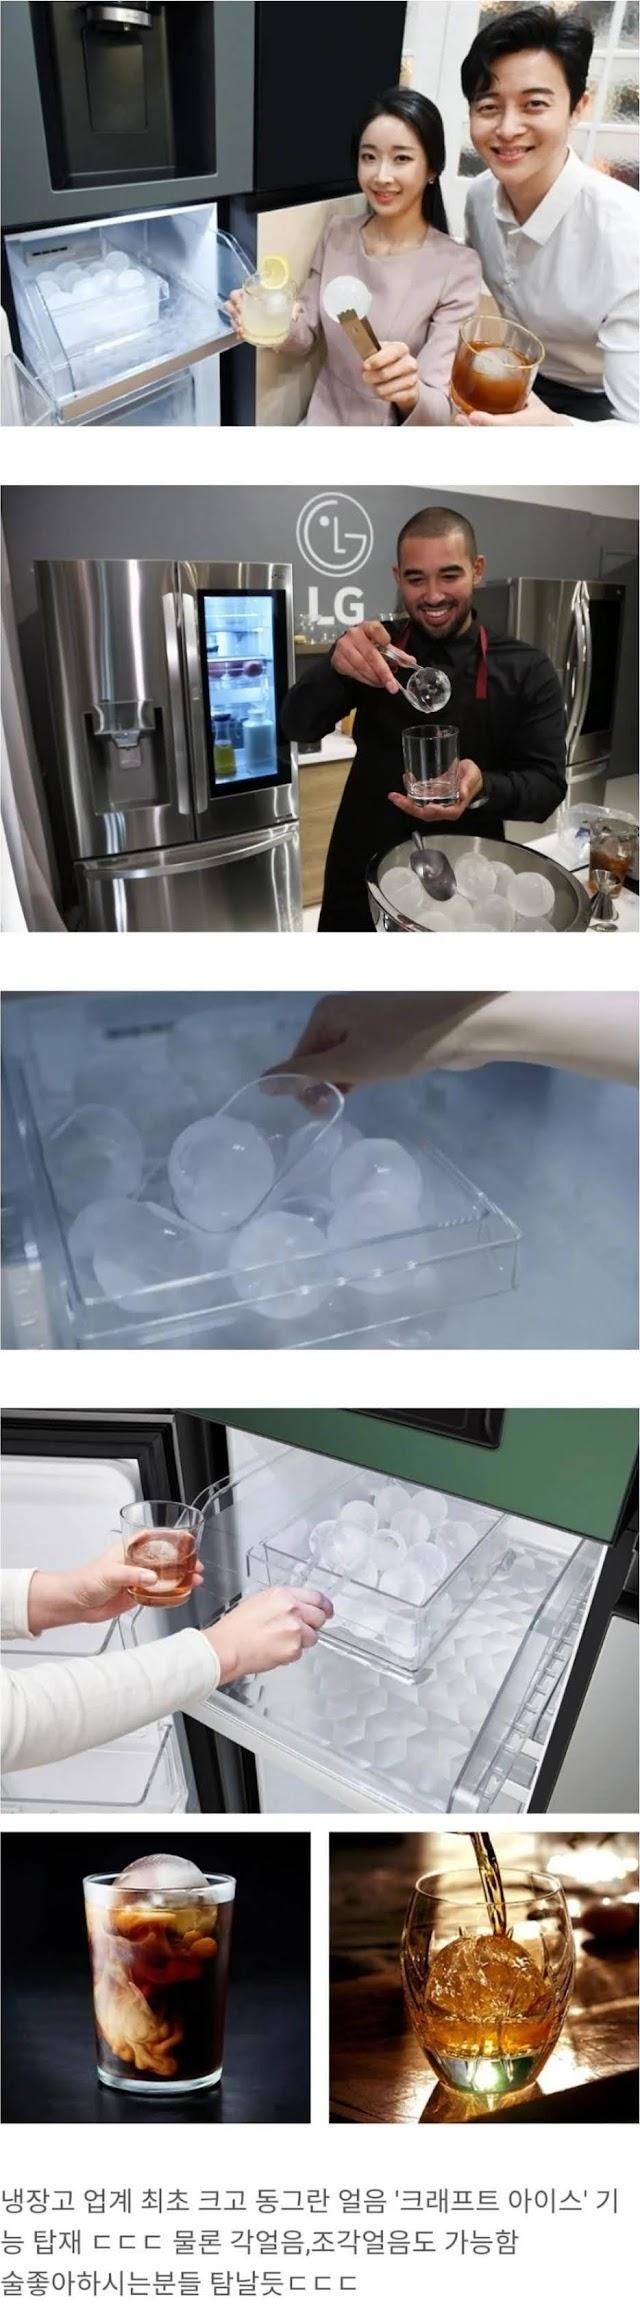 최신형 냉장고의 기능 근황